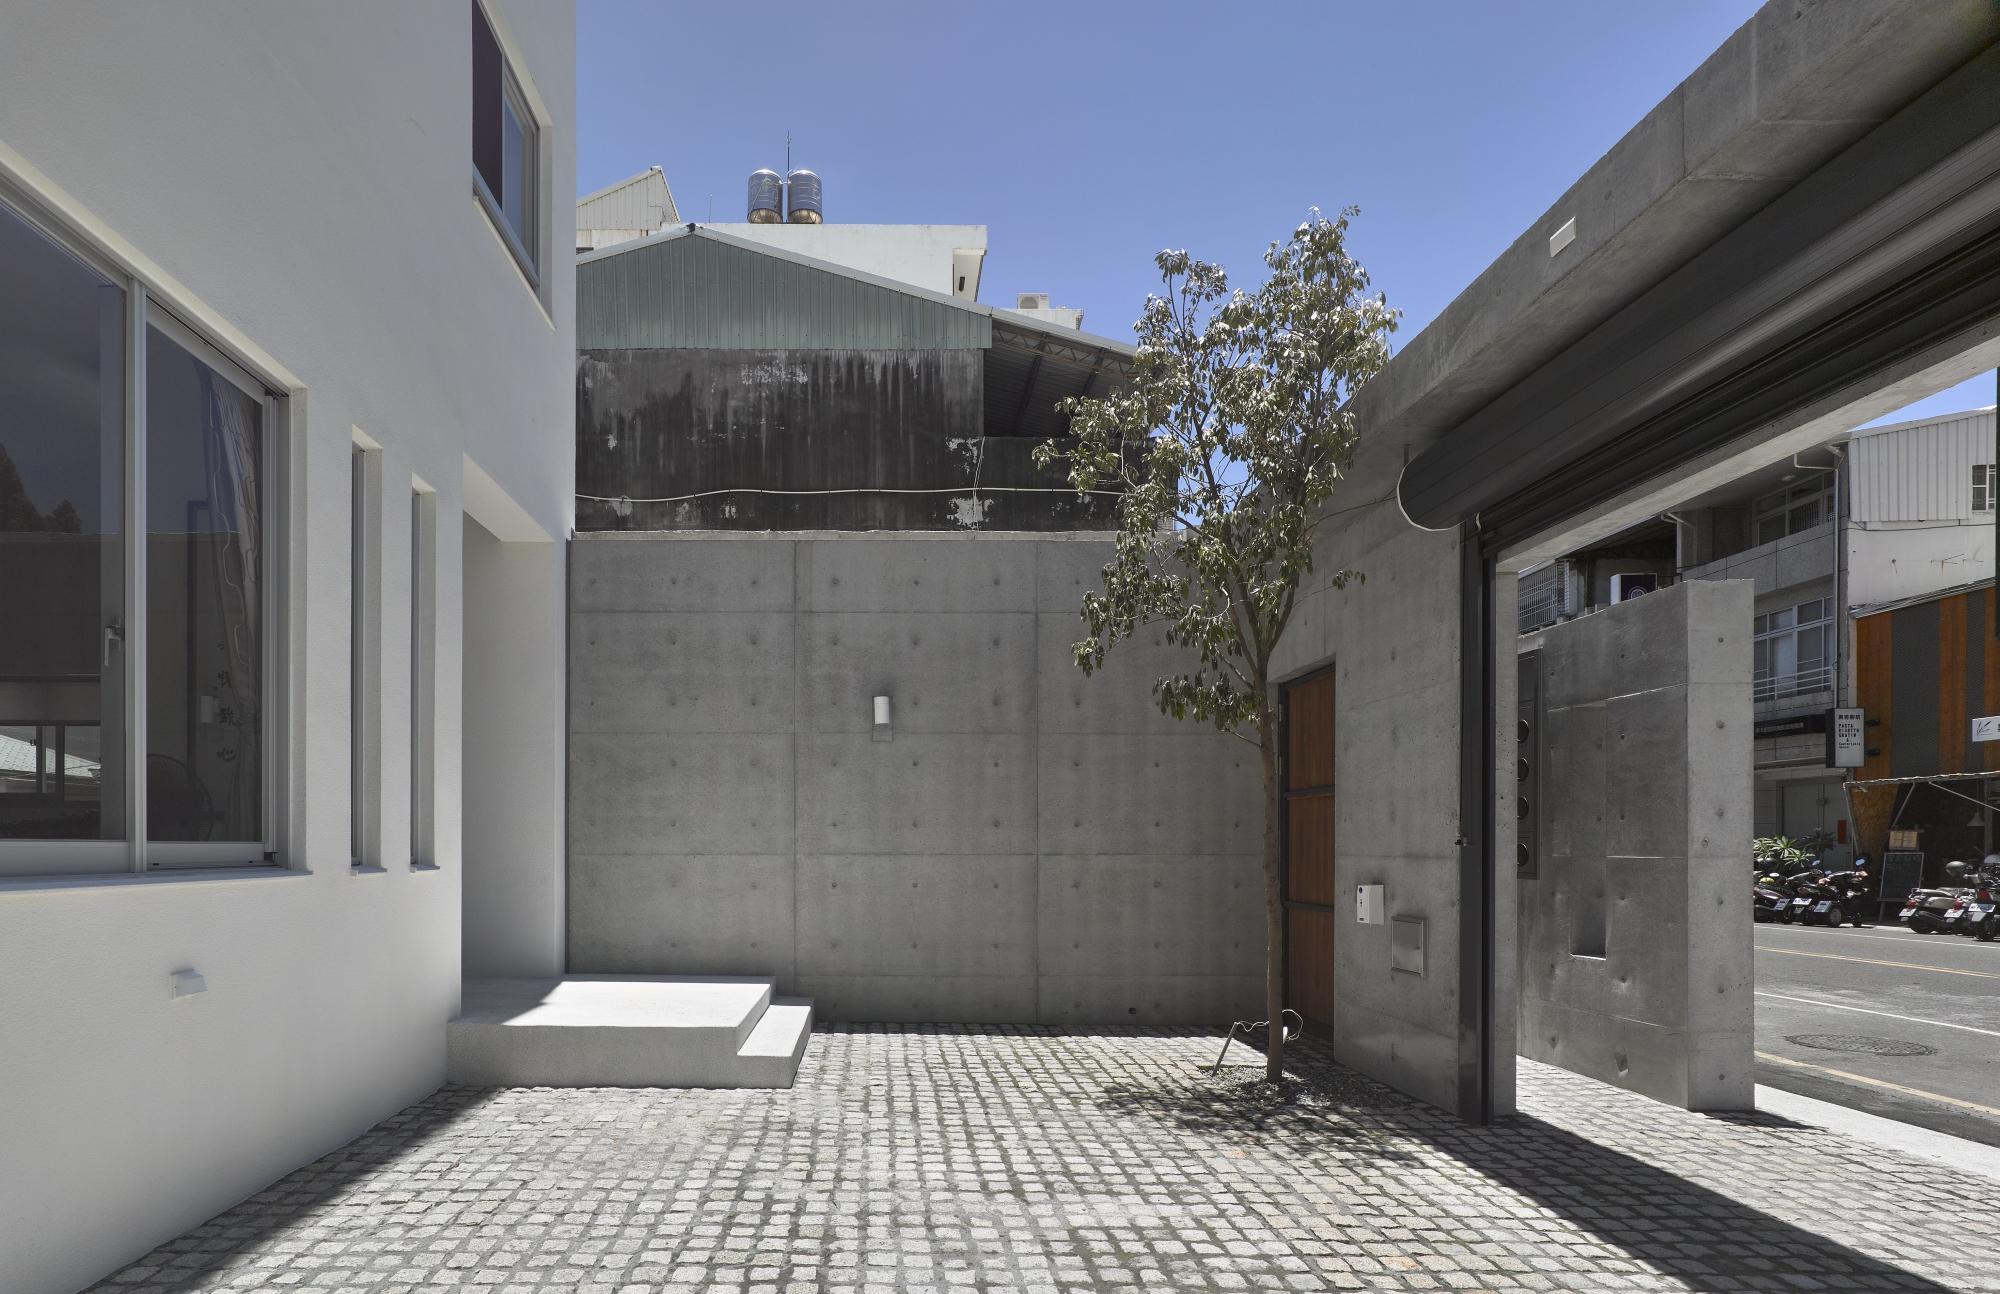 清水混凝工法,讓材料本身訴說空間的故事,呈現經典與質感的韻味,清新脫俗